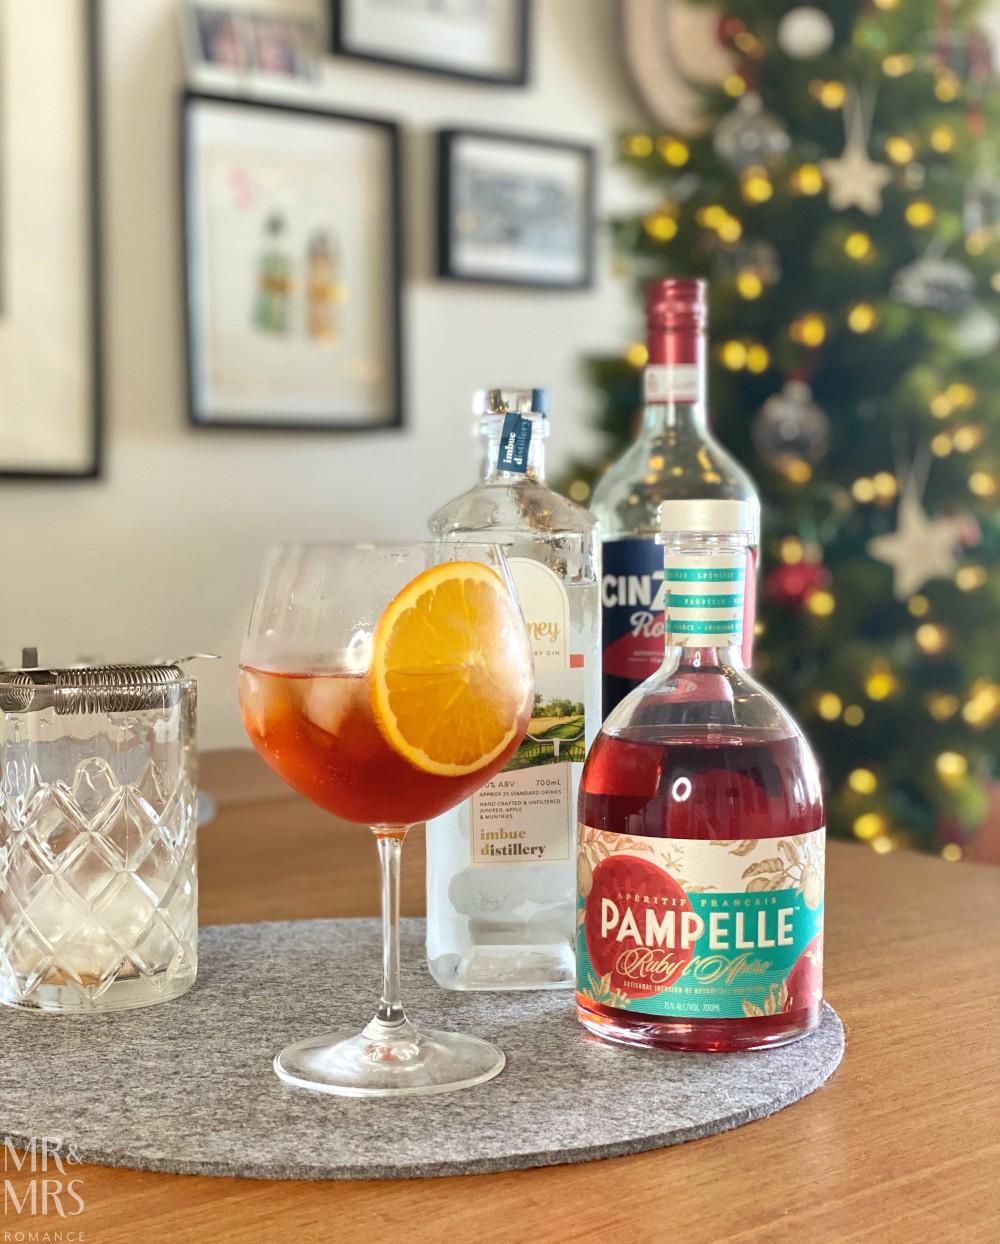 New drinks for summer - Pampelle